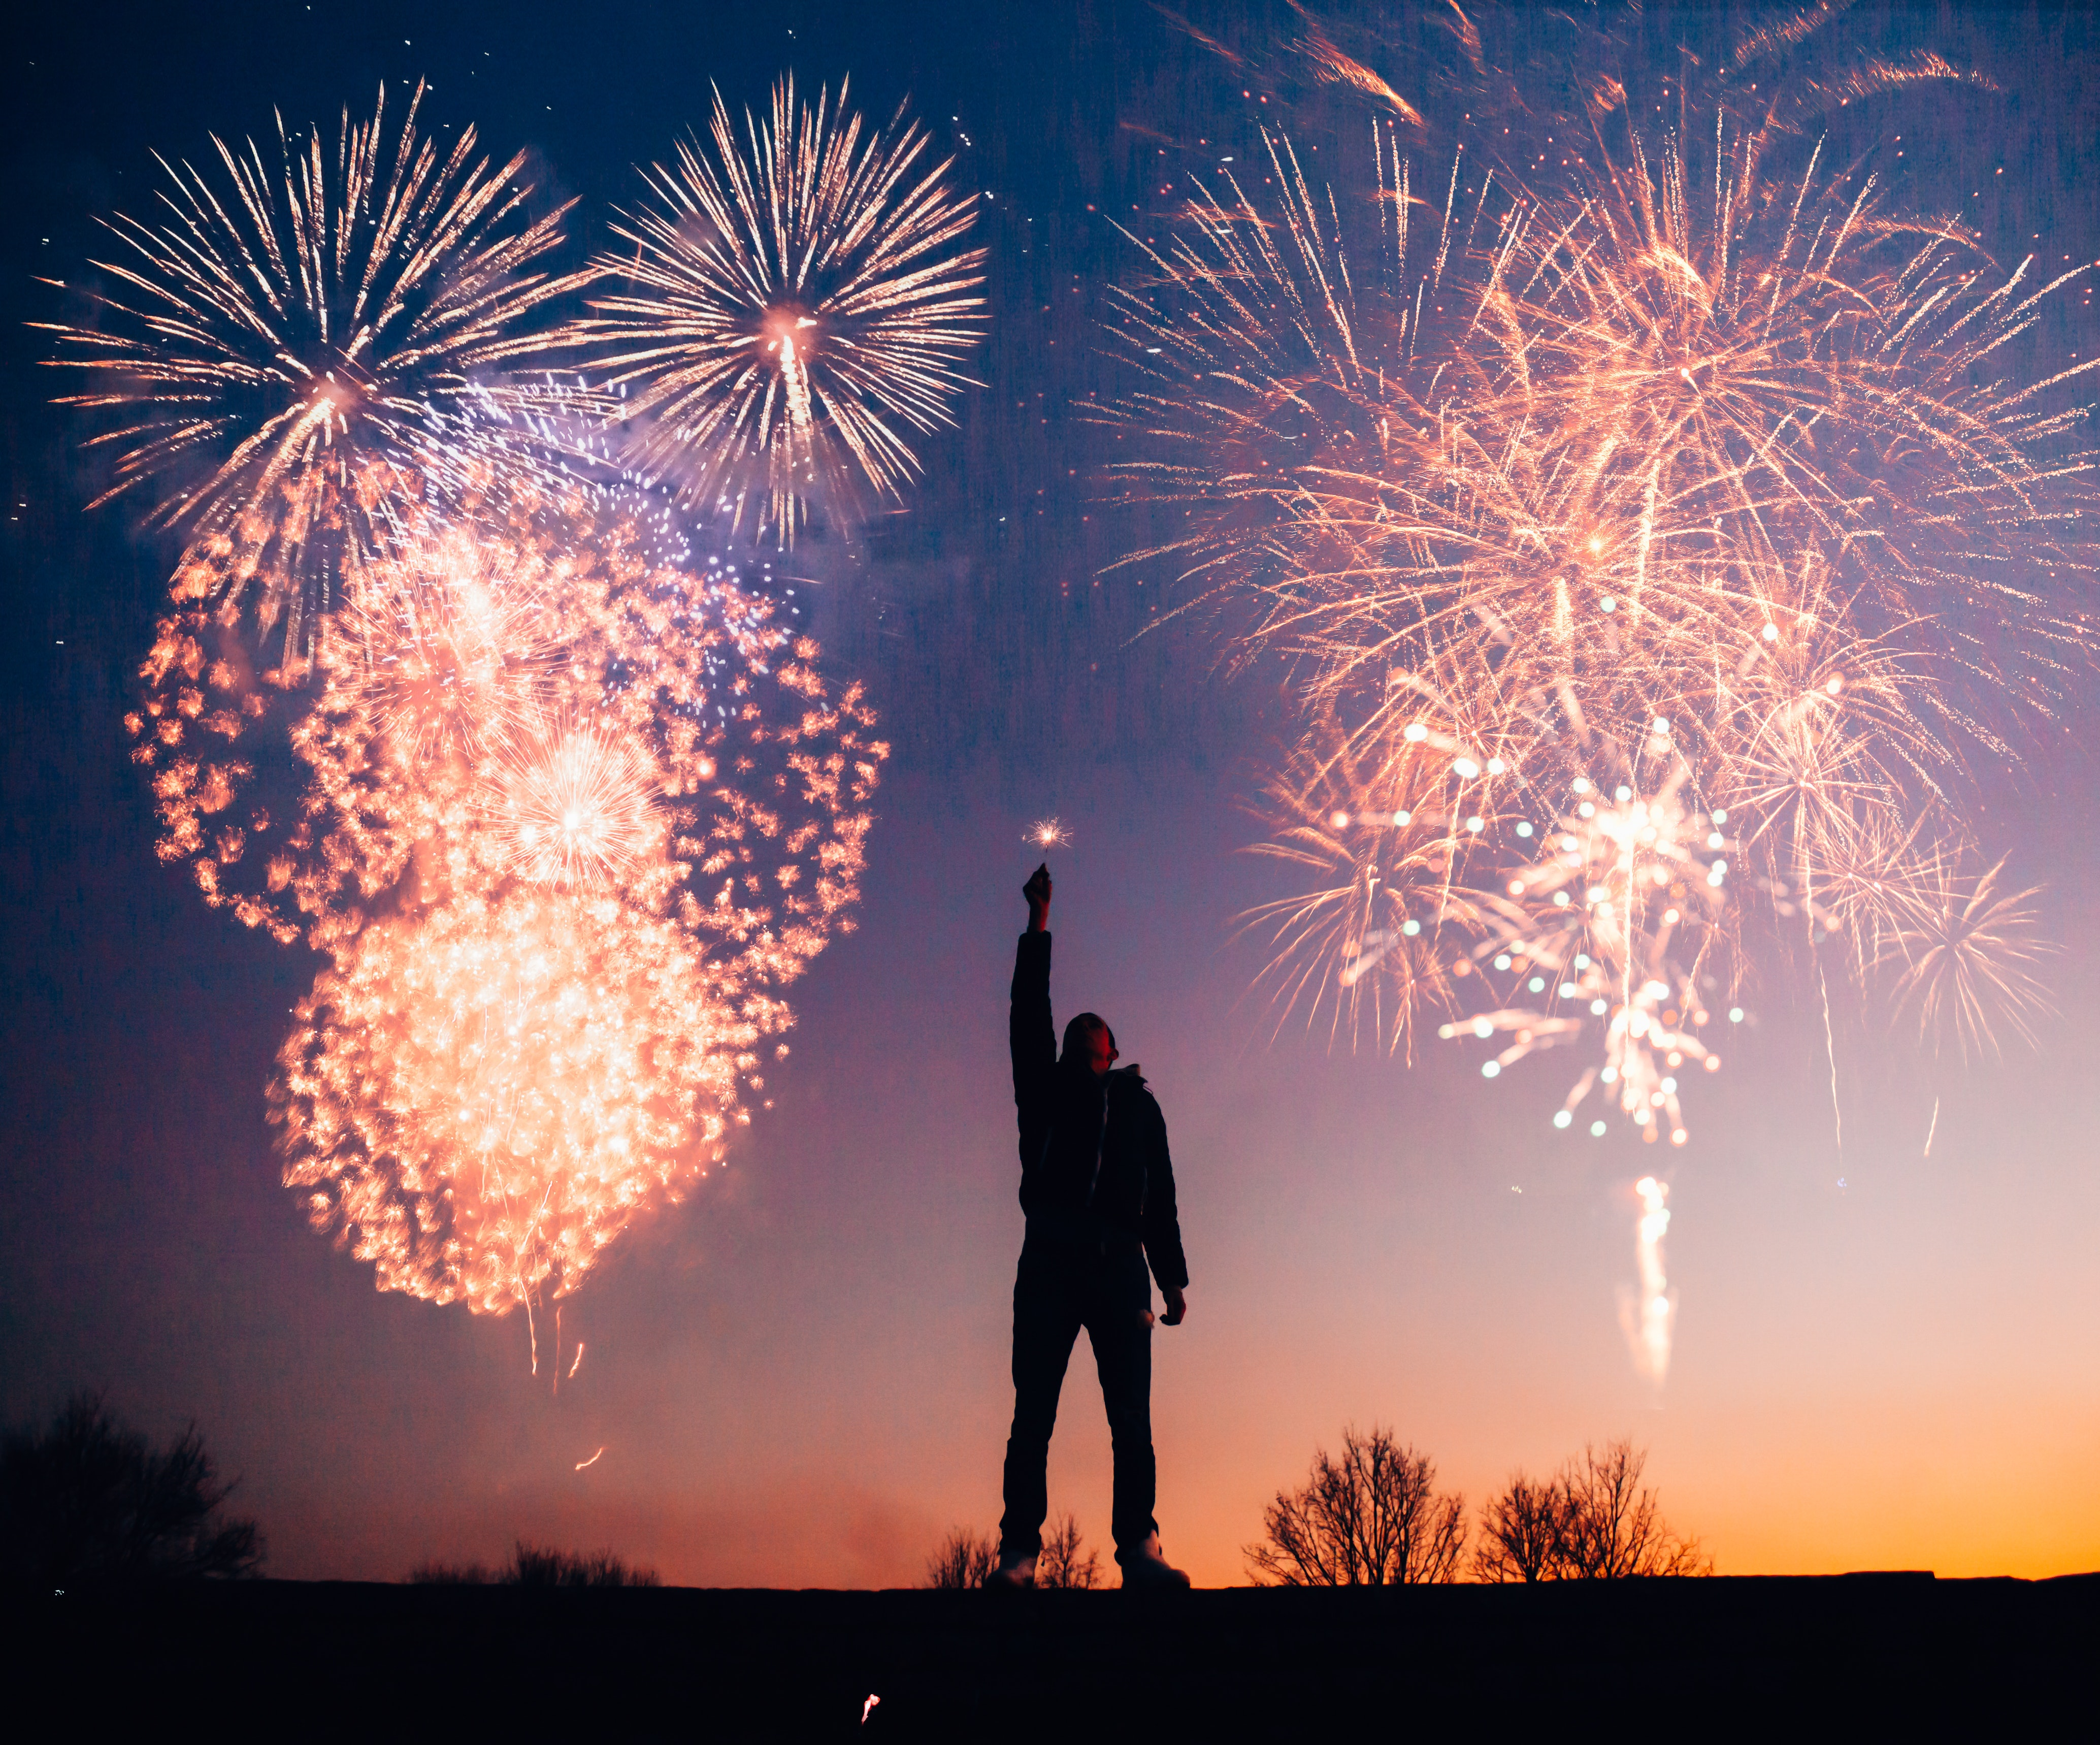 Feuerwerk am Himmel